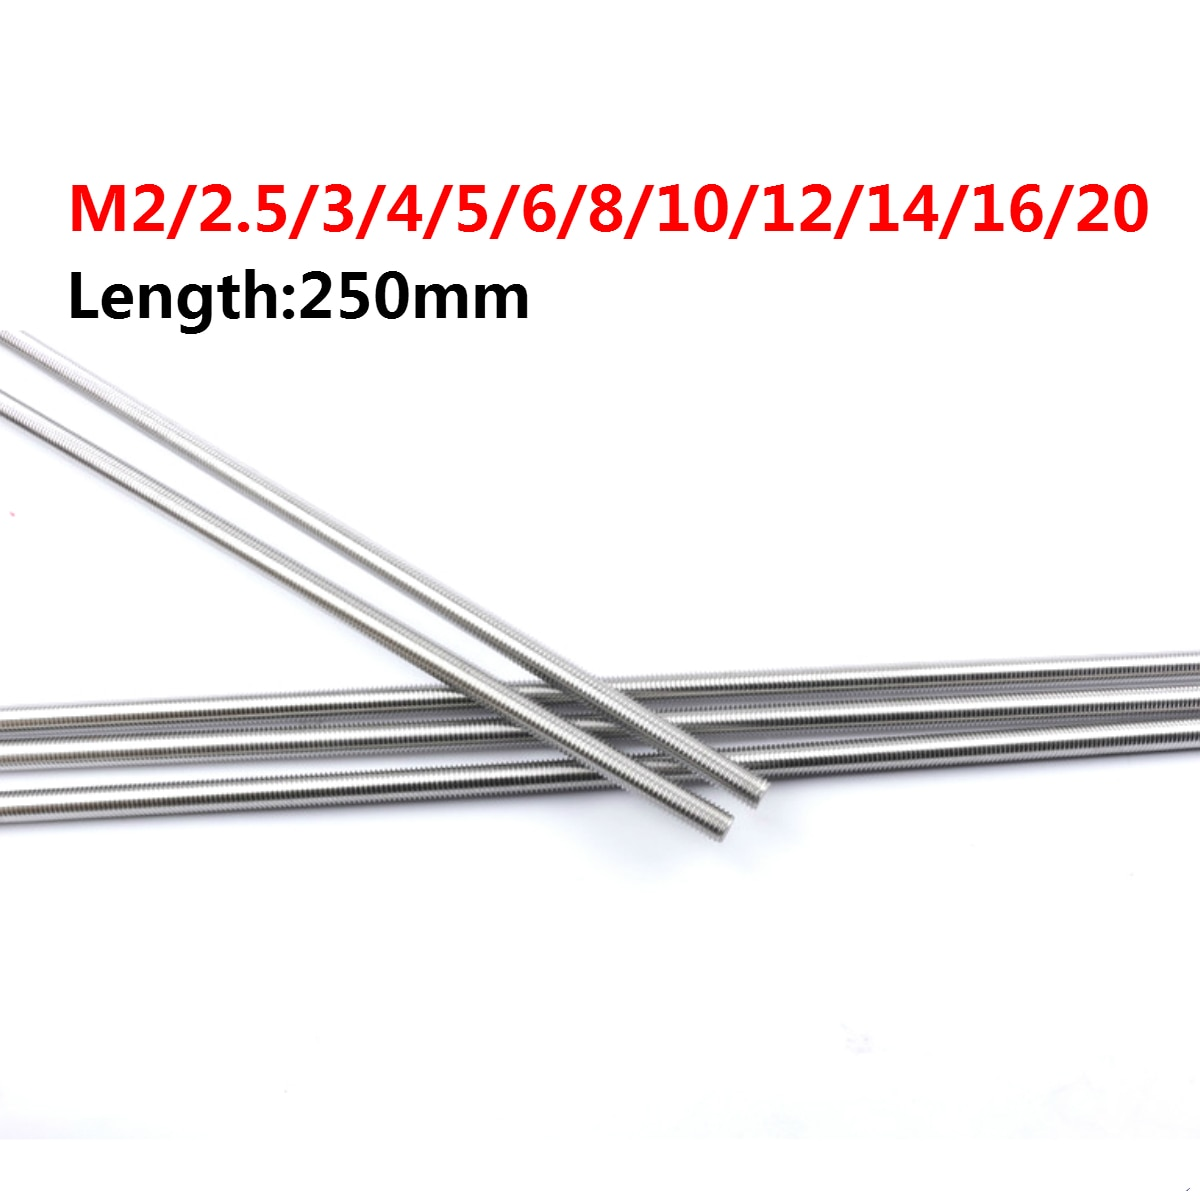 _ M14 M16 M20 резьбовой стержень с полной резьбой DIN975 304 крепежи из нержавеющей стали Серебряная длина 250 мм